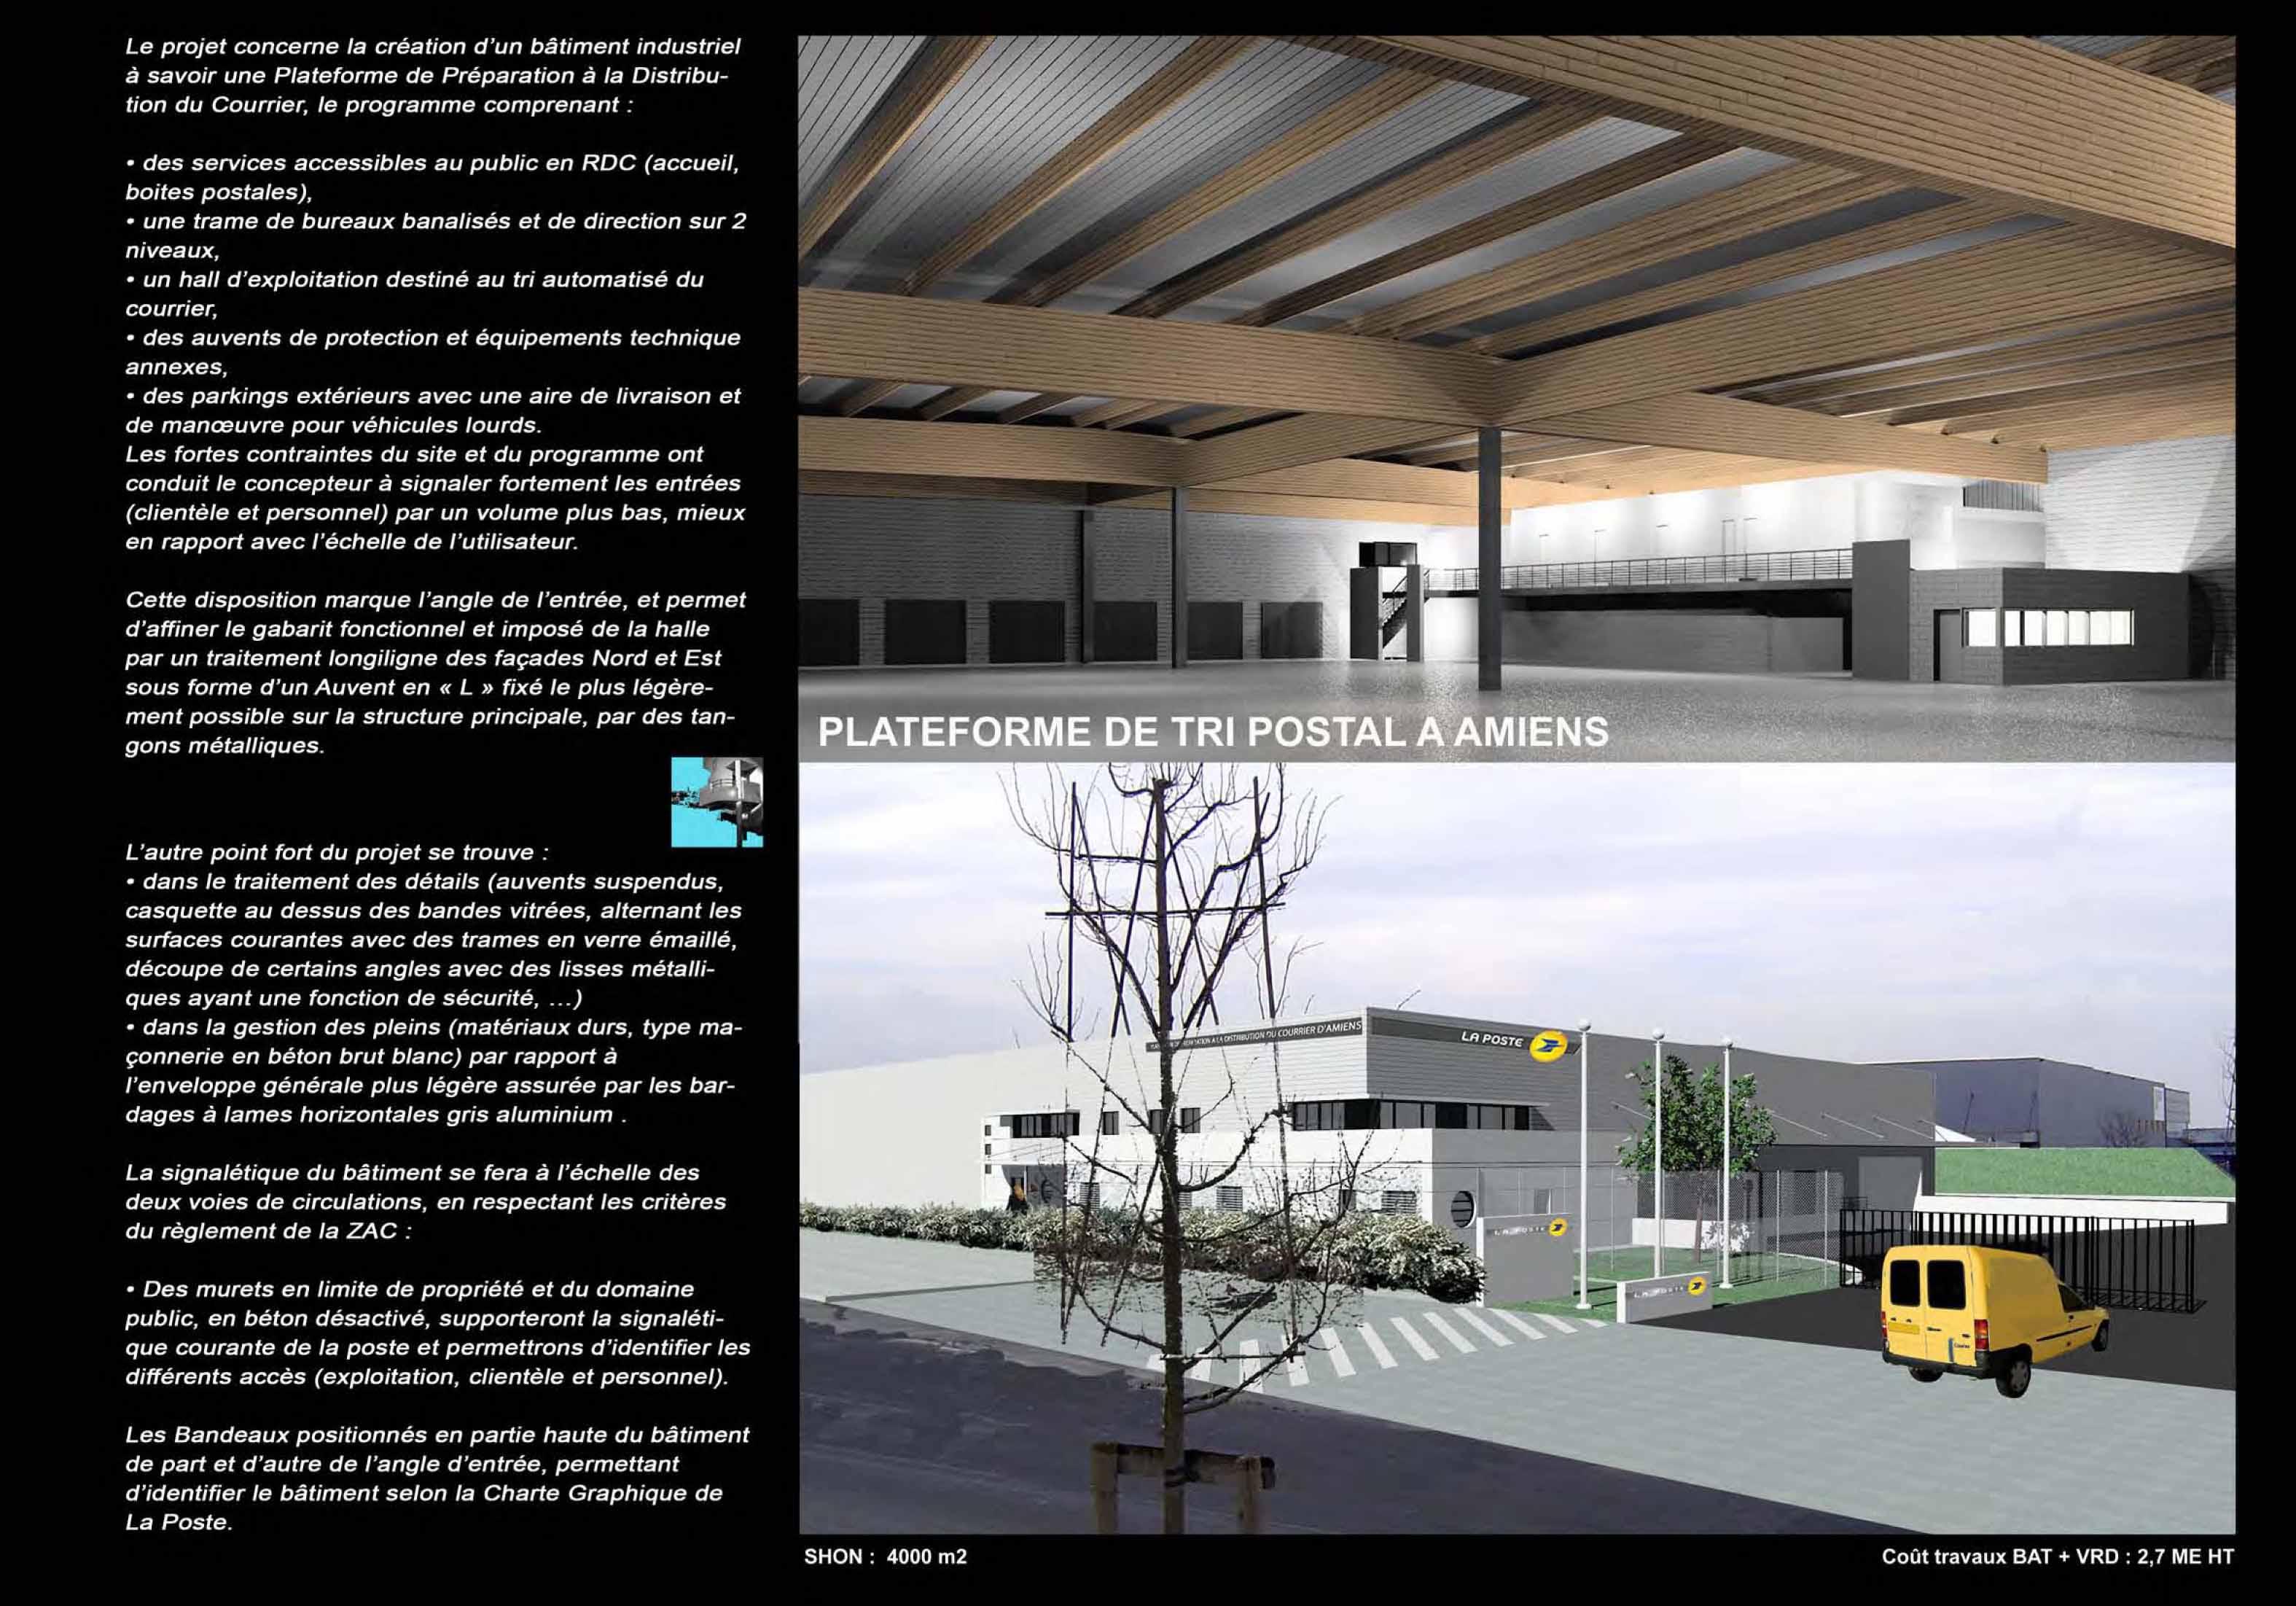 Gallery of le projet concerne la cration duun btiment for Cout batiment industriel m2